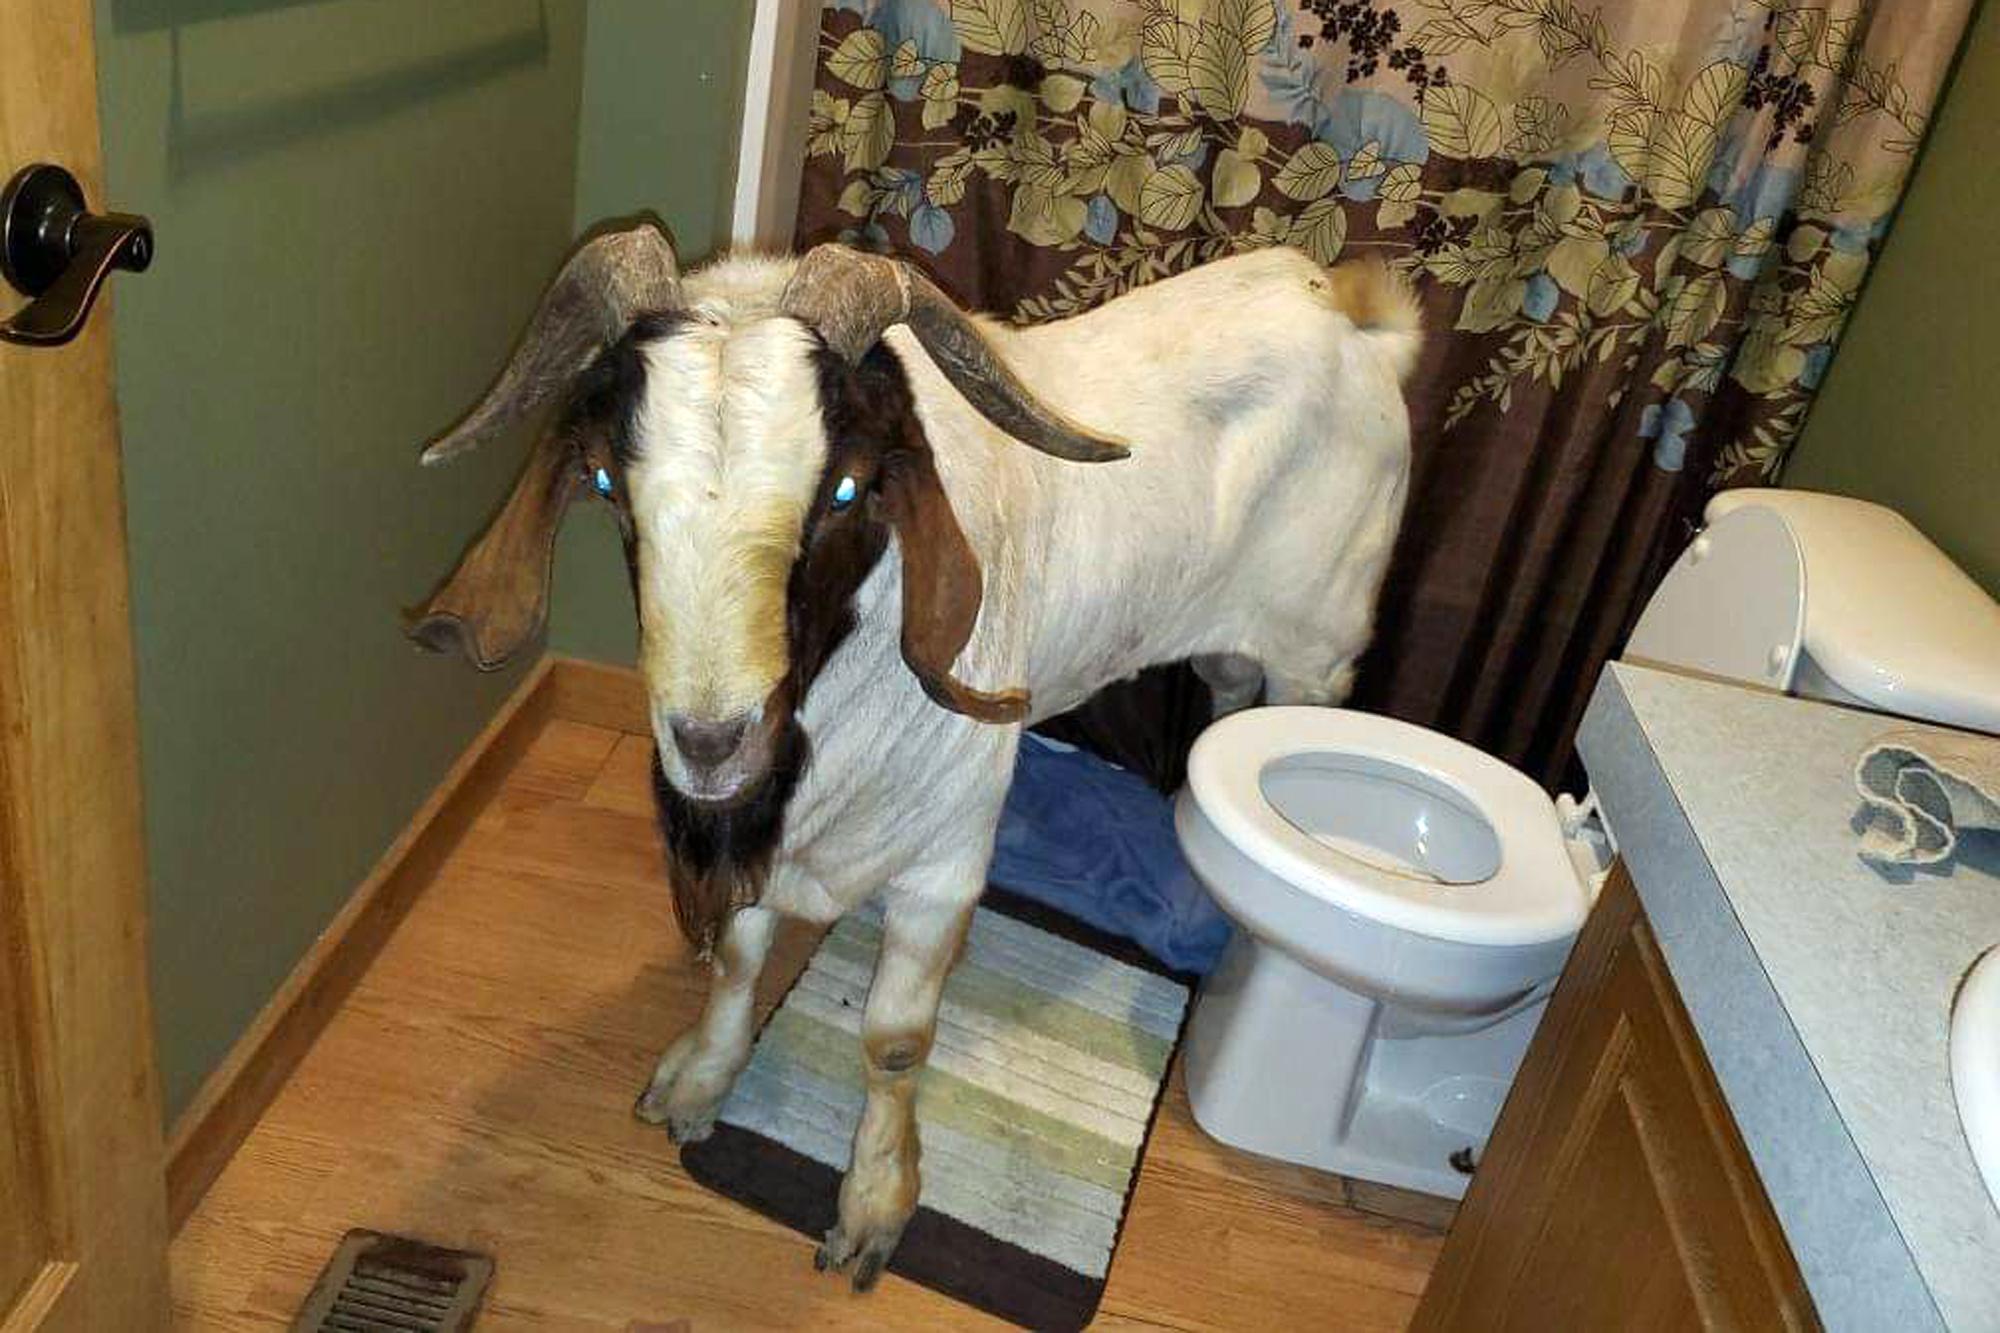 지난 4일 미국 오하오주 설리번 타운십의 한 가정집에 숫염소 한마리가 침입했다 붙잡혔다. 염소의 이름은 '빅보이'로 알려졌다. [AP=연합뉴스]